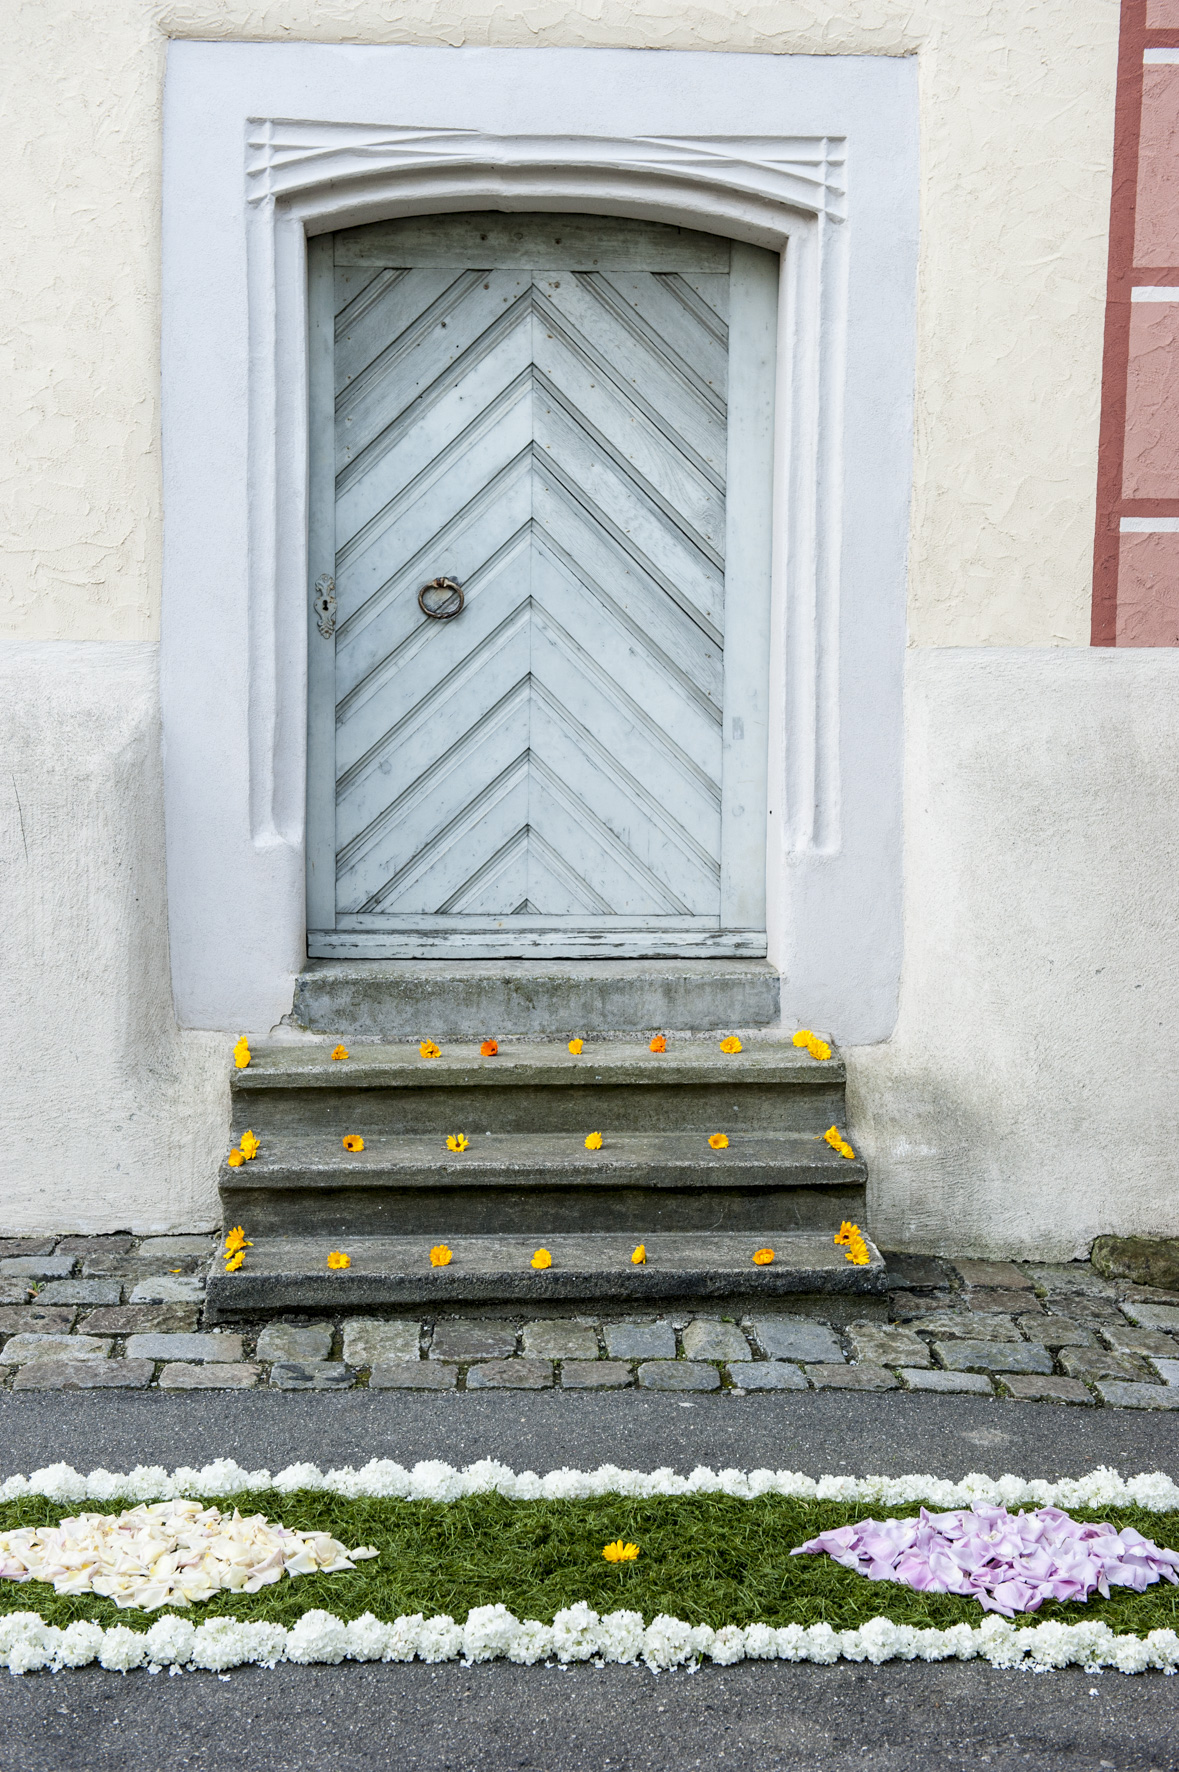 Bluementeppich mit einer mit Blumen verzierten Treppe vor einem Hauseingang